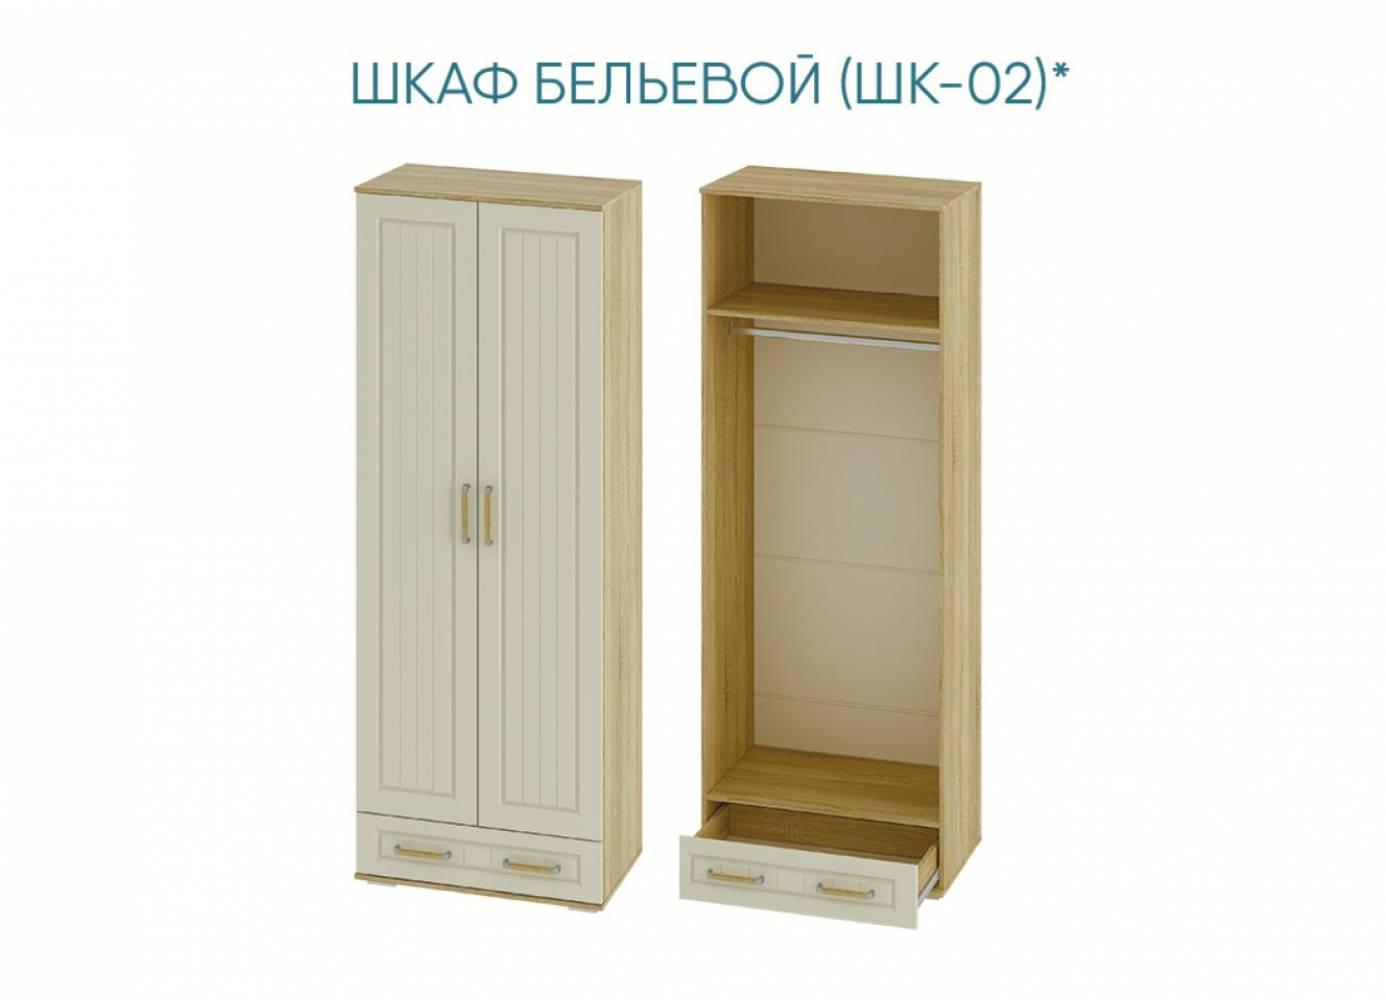 Маркиза Шкаф двухстворчатый  бельевой ШК-02